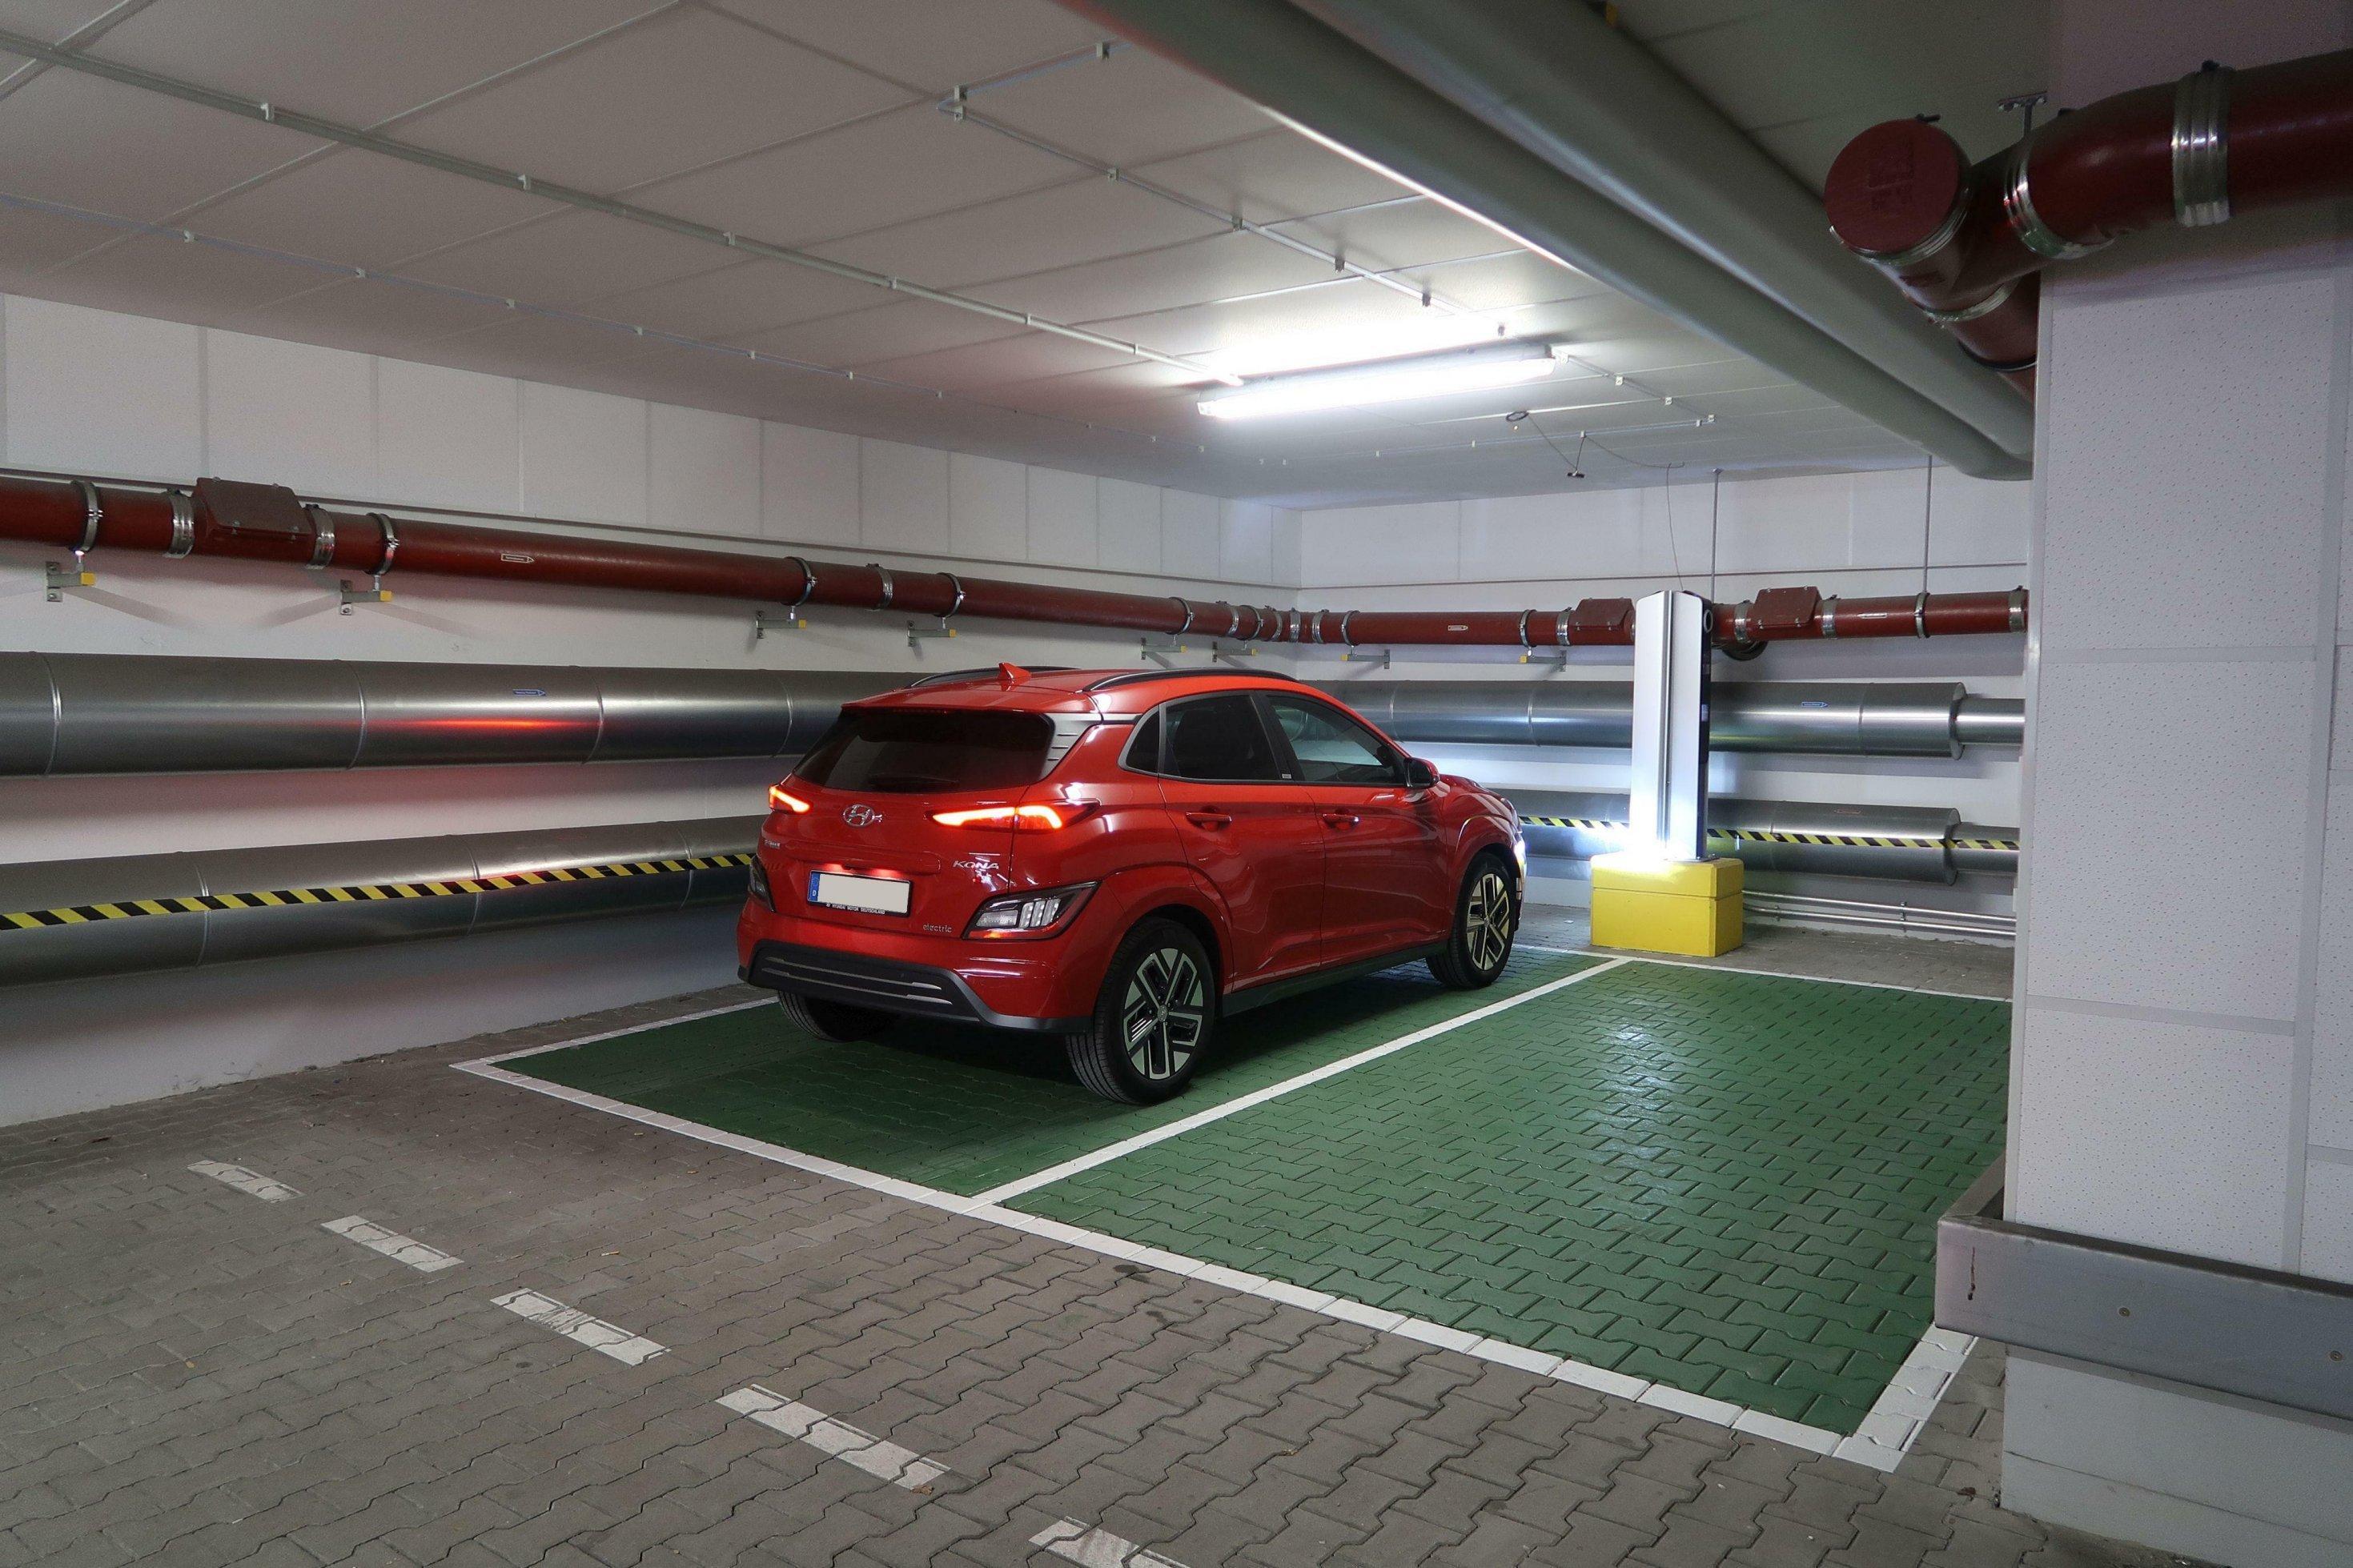 Ein roter Hyundai Kona steht in einer Tiefgarage.